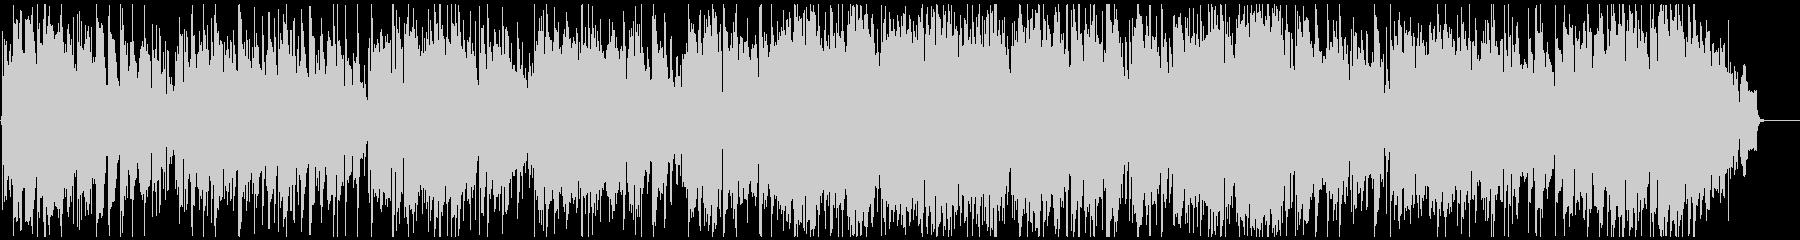 軽快なジャズワルツ ソプラノサックス生録の未再生の波形